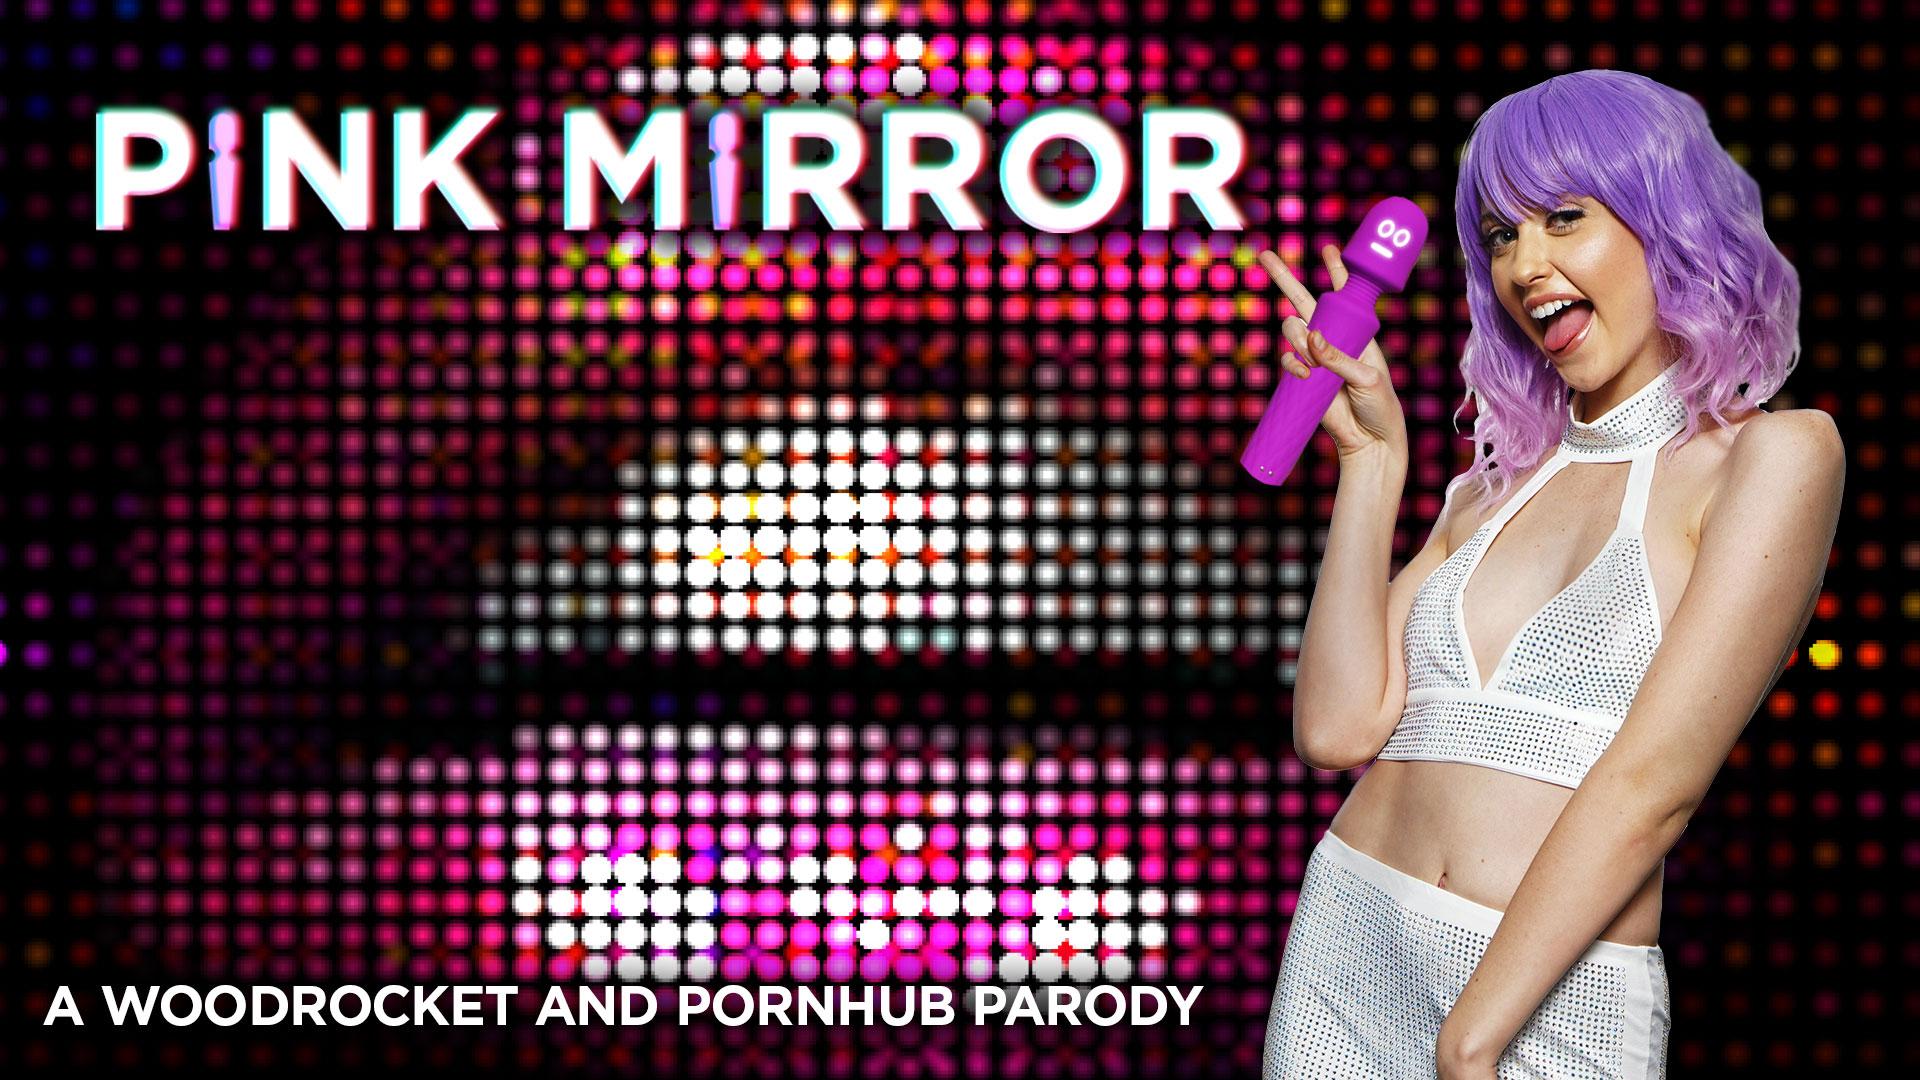 Dark Mirror Porn Parody Pink Mirror